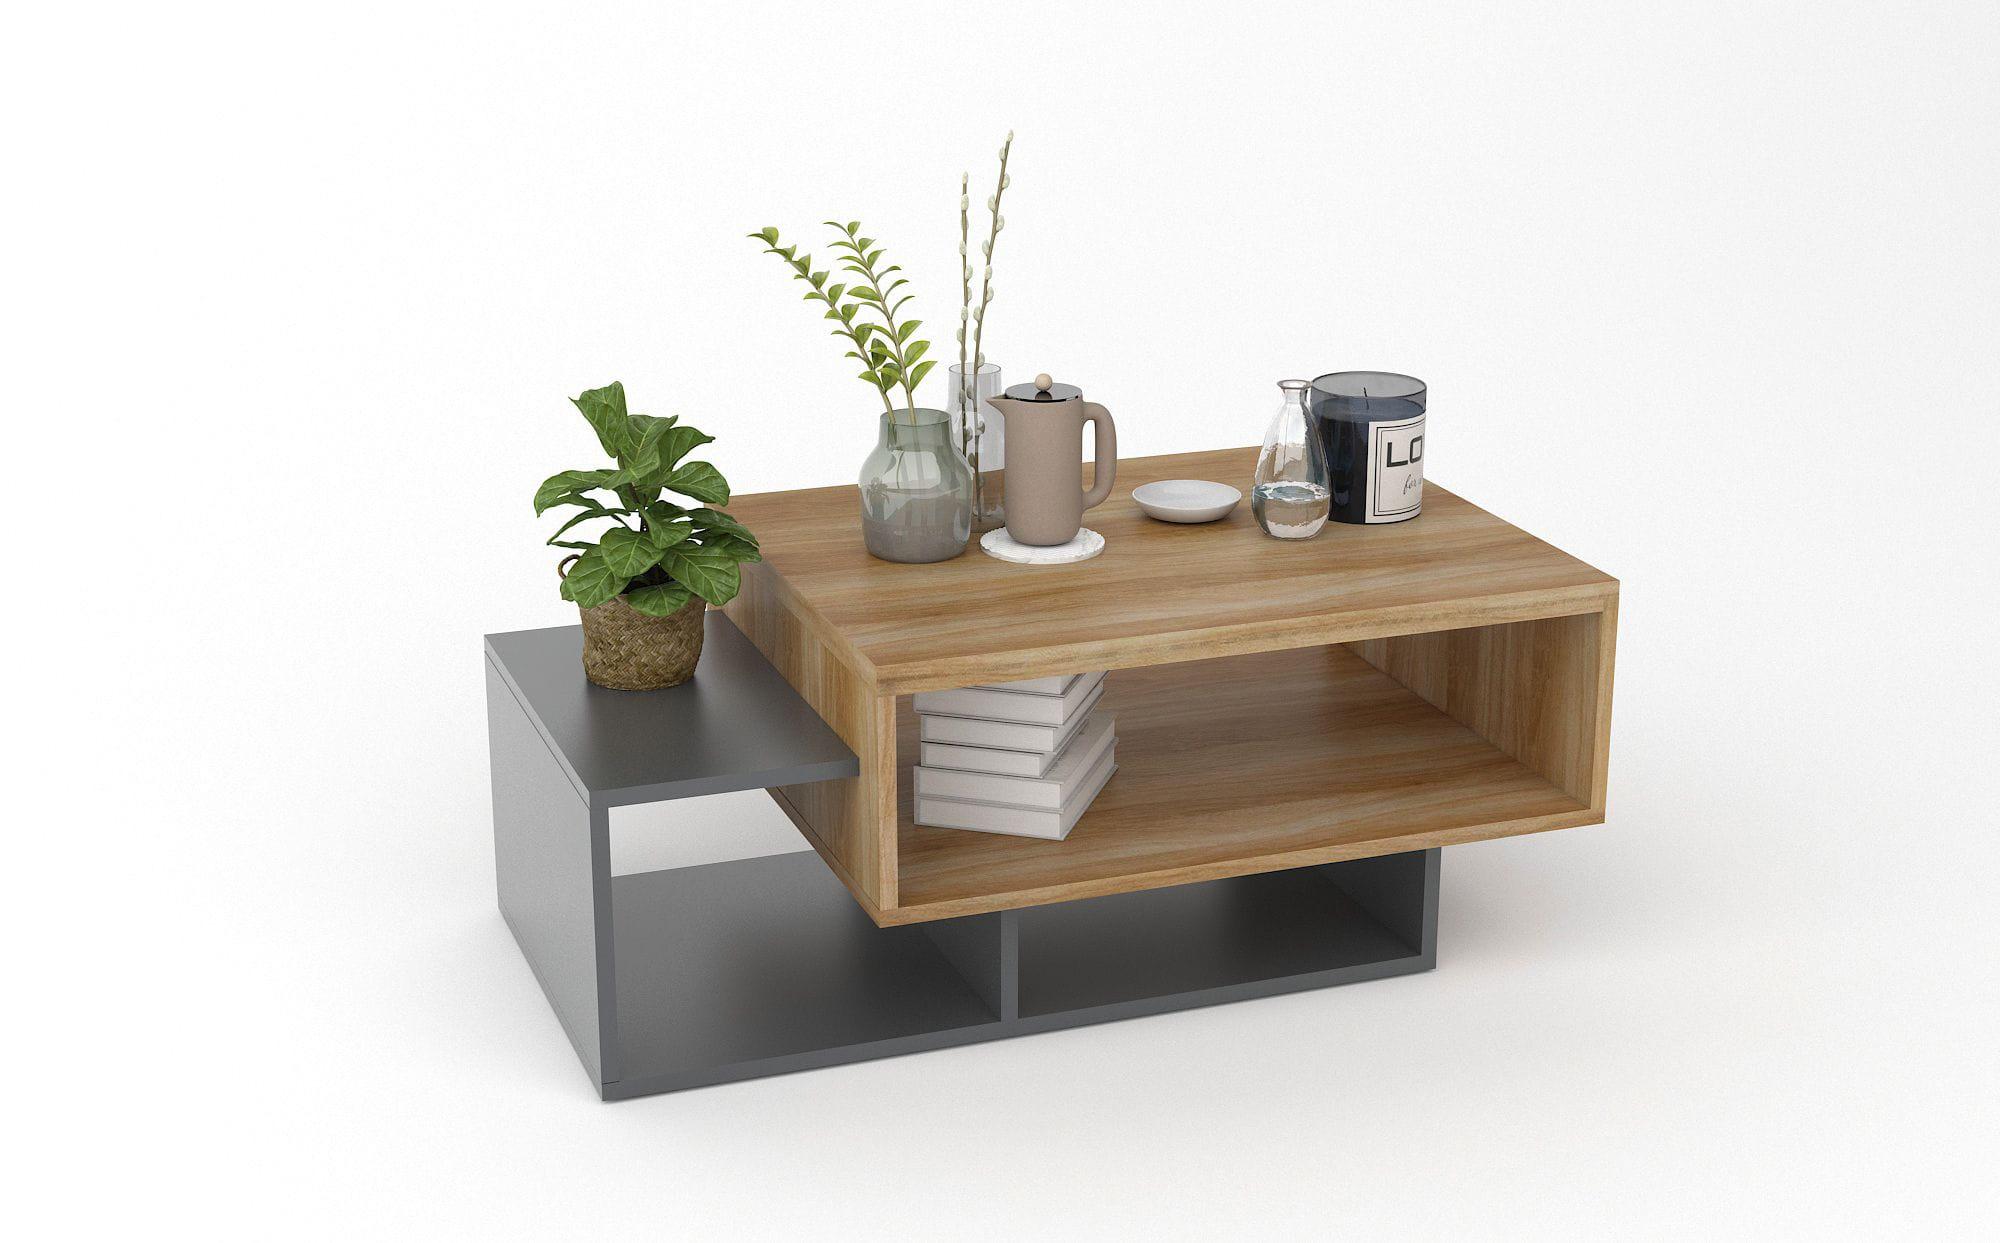 bàn trà gỗ btg-34 kho nội thất sài gòn